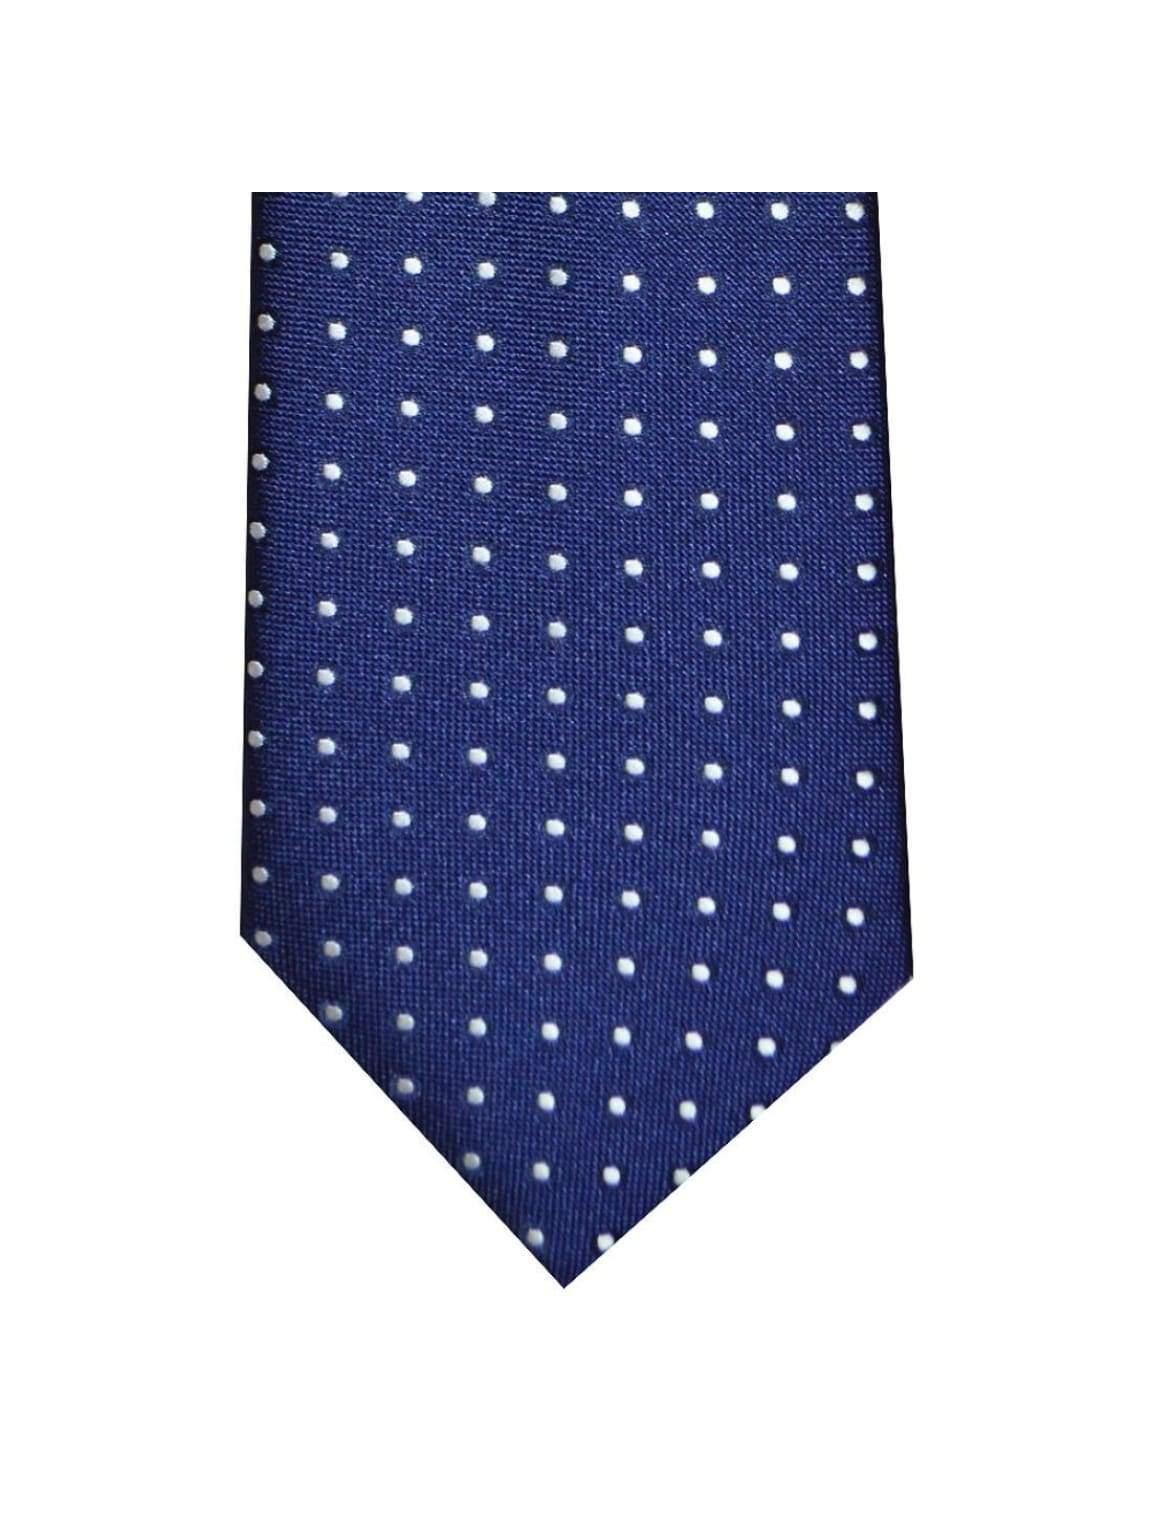 LA Smith Classic Navy White Polka-Dots Tie - Accessories